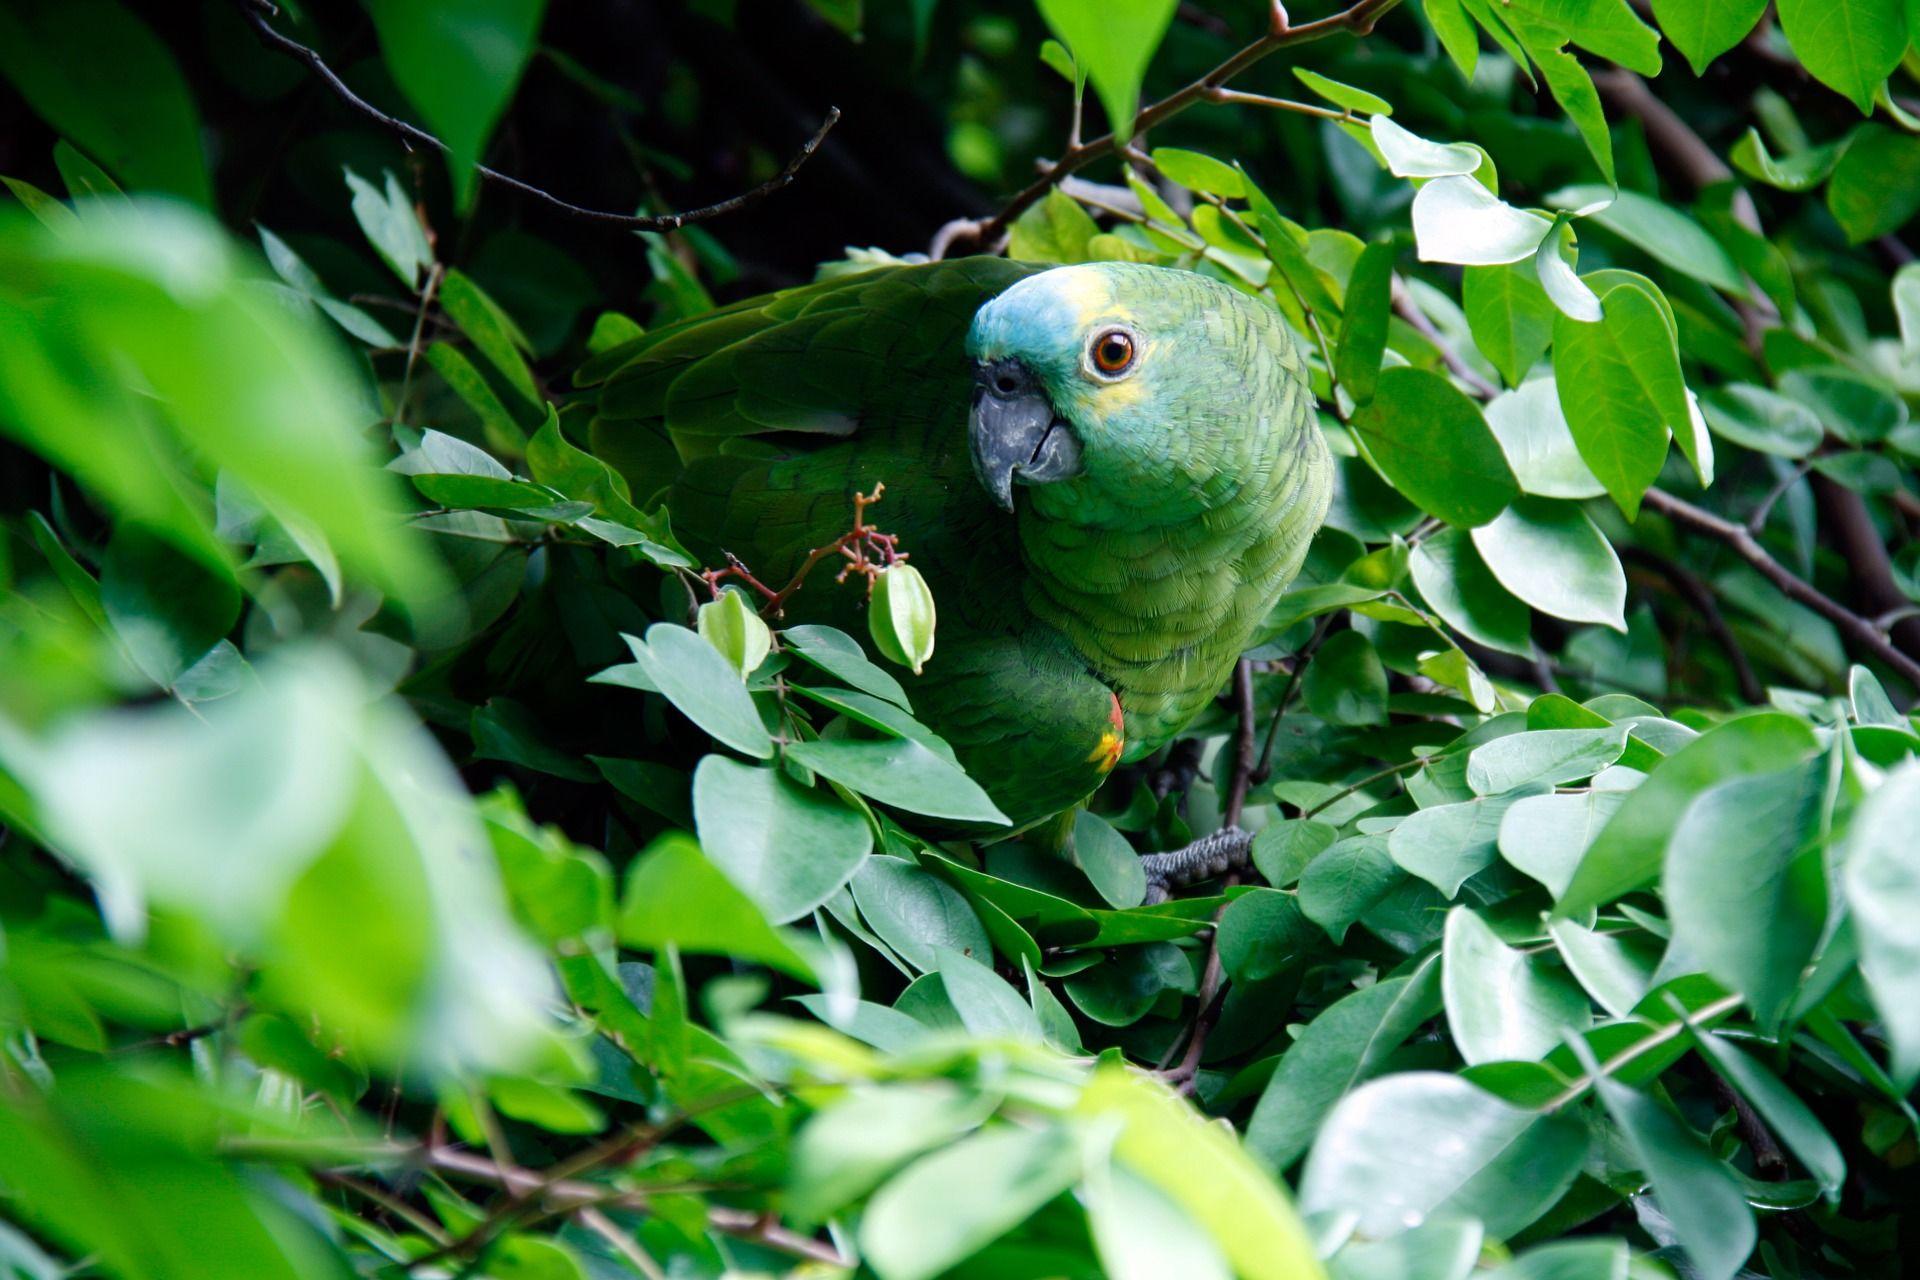 Скачать бесплатно красивое фото зеленого попугая крупным планом